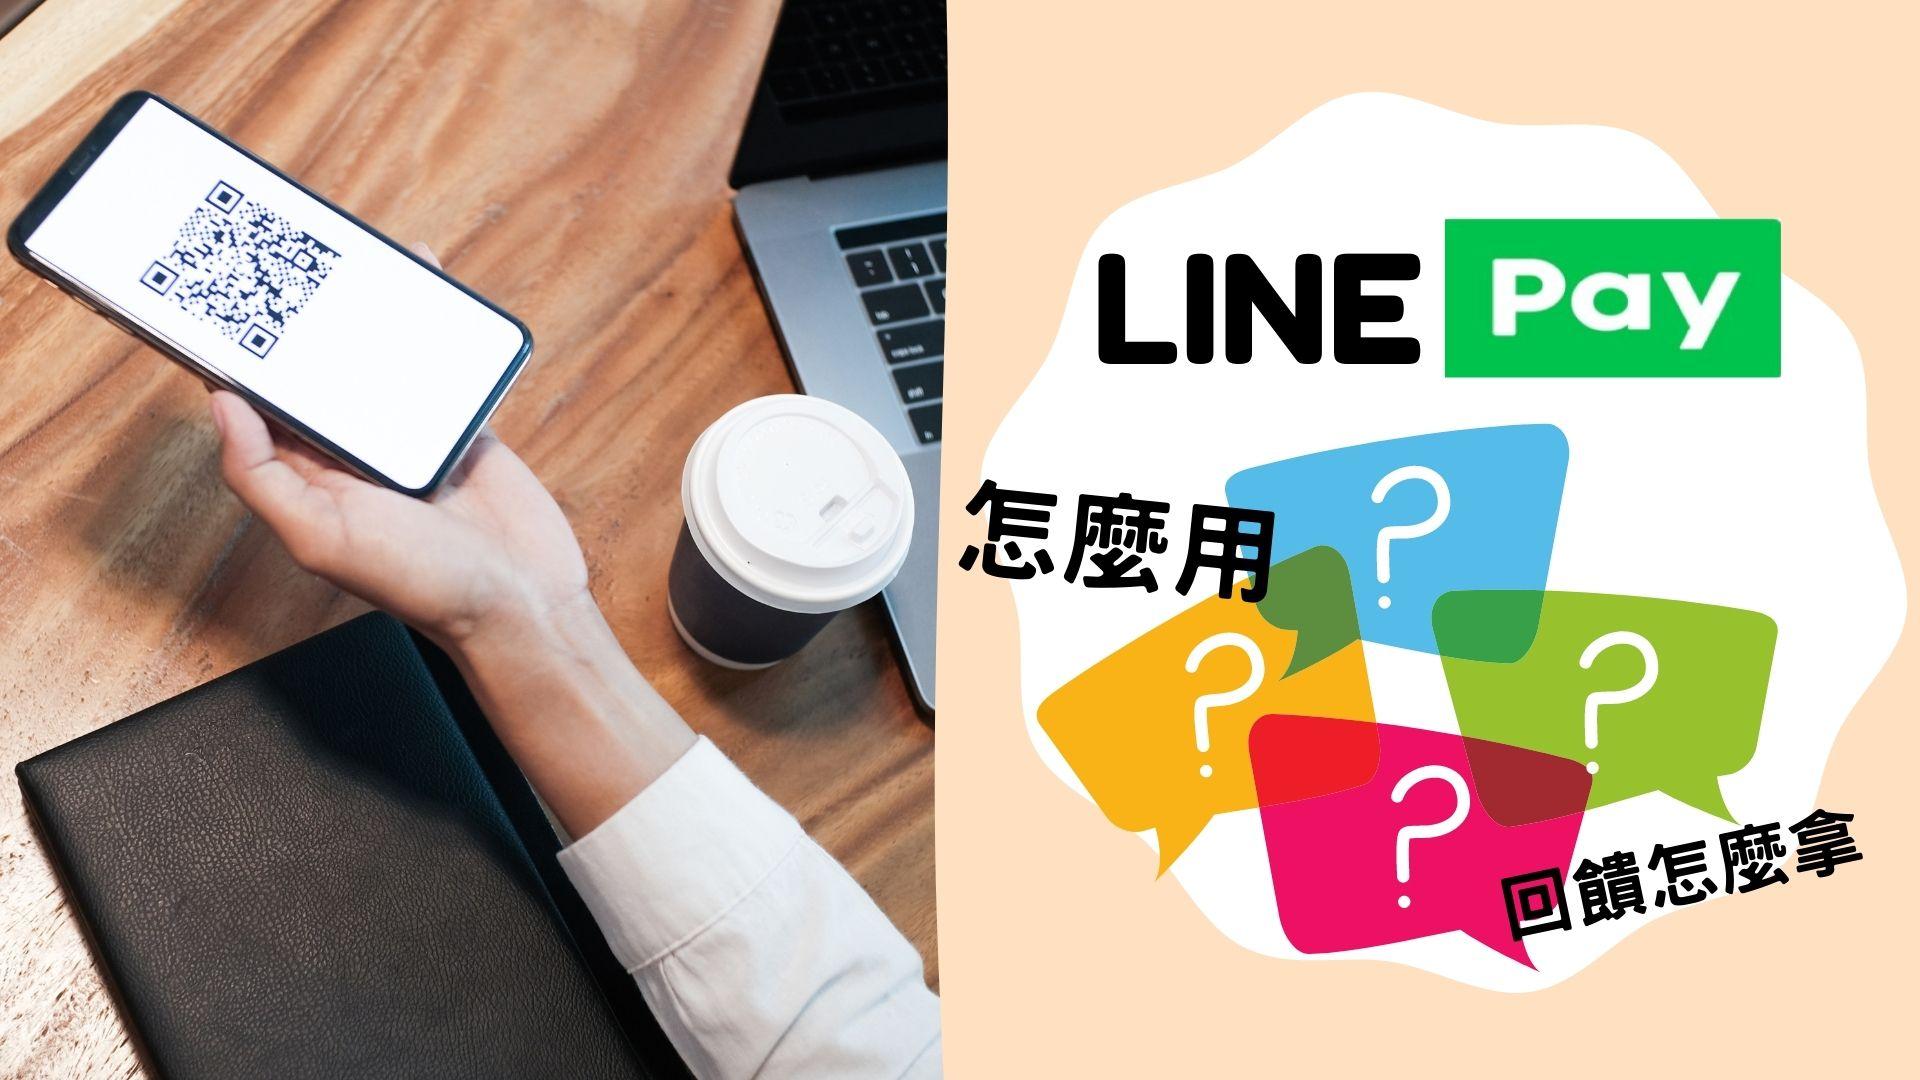 【2021最新整理】LINE Pay是什麼?回饋要怎麼拿?